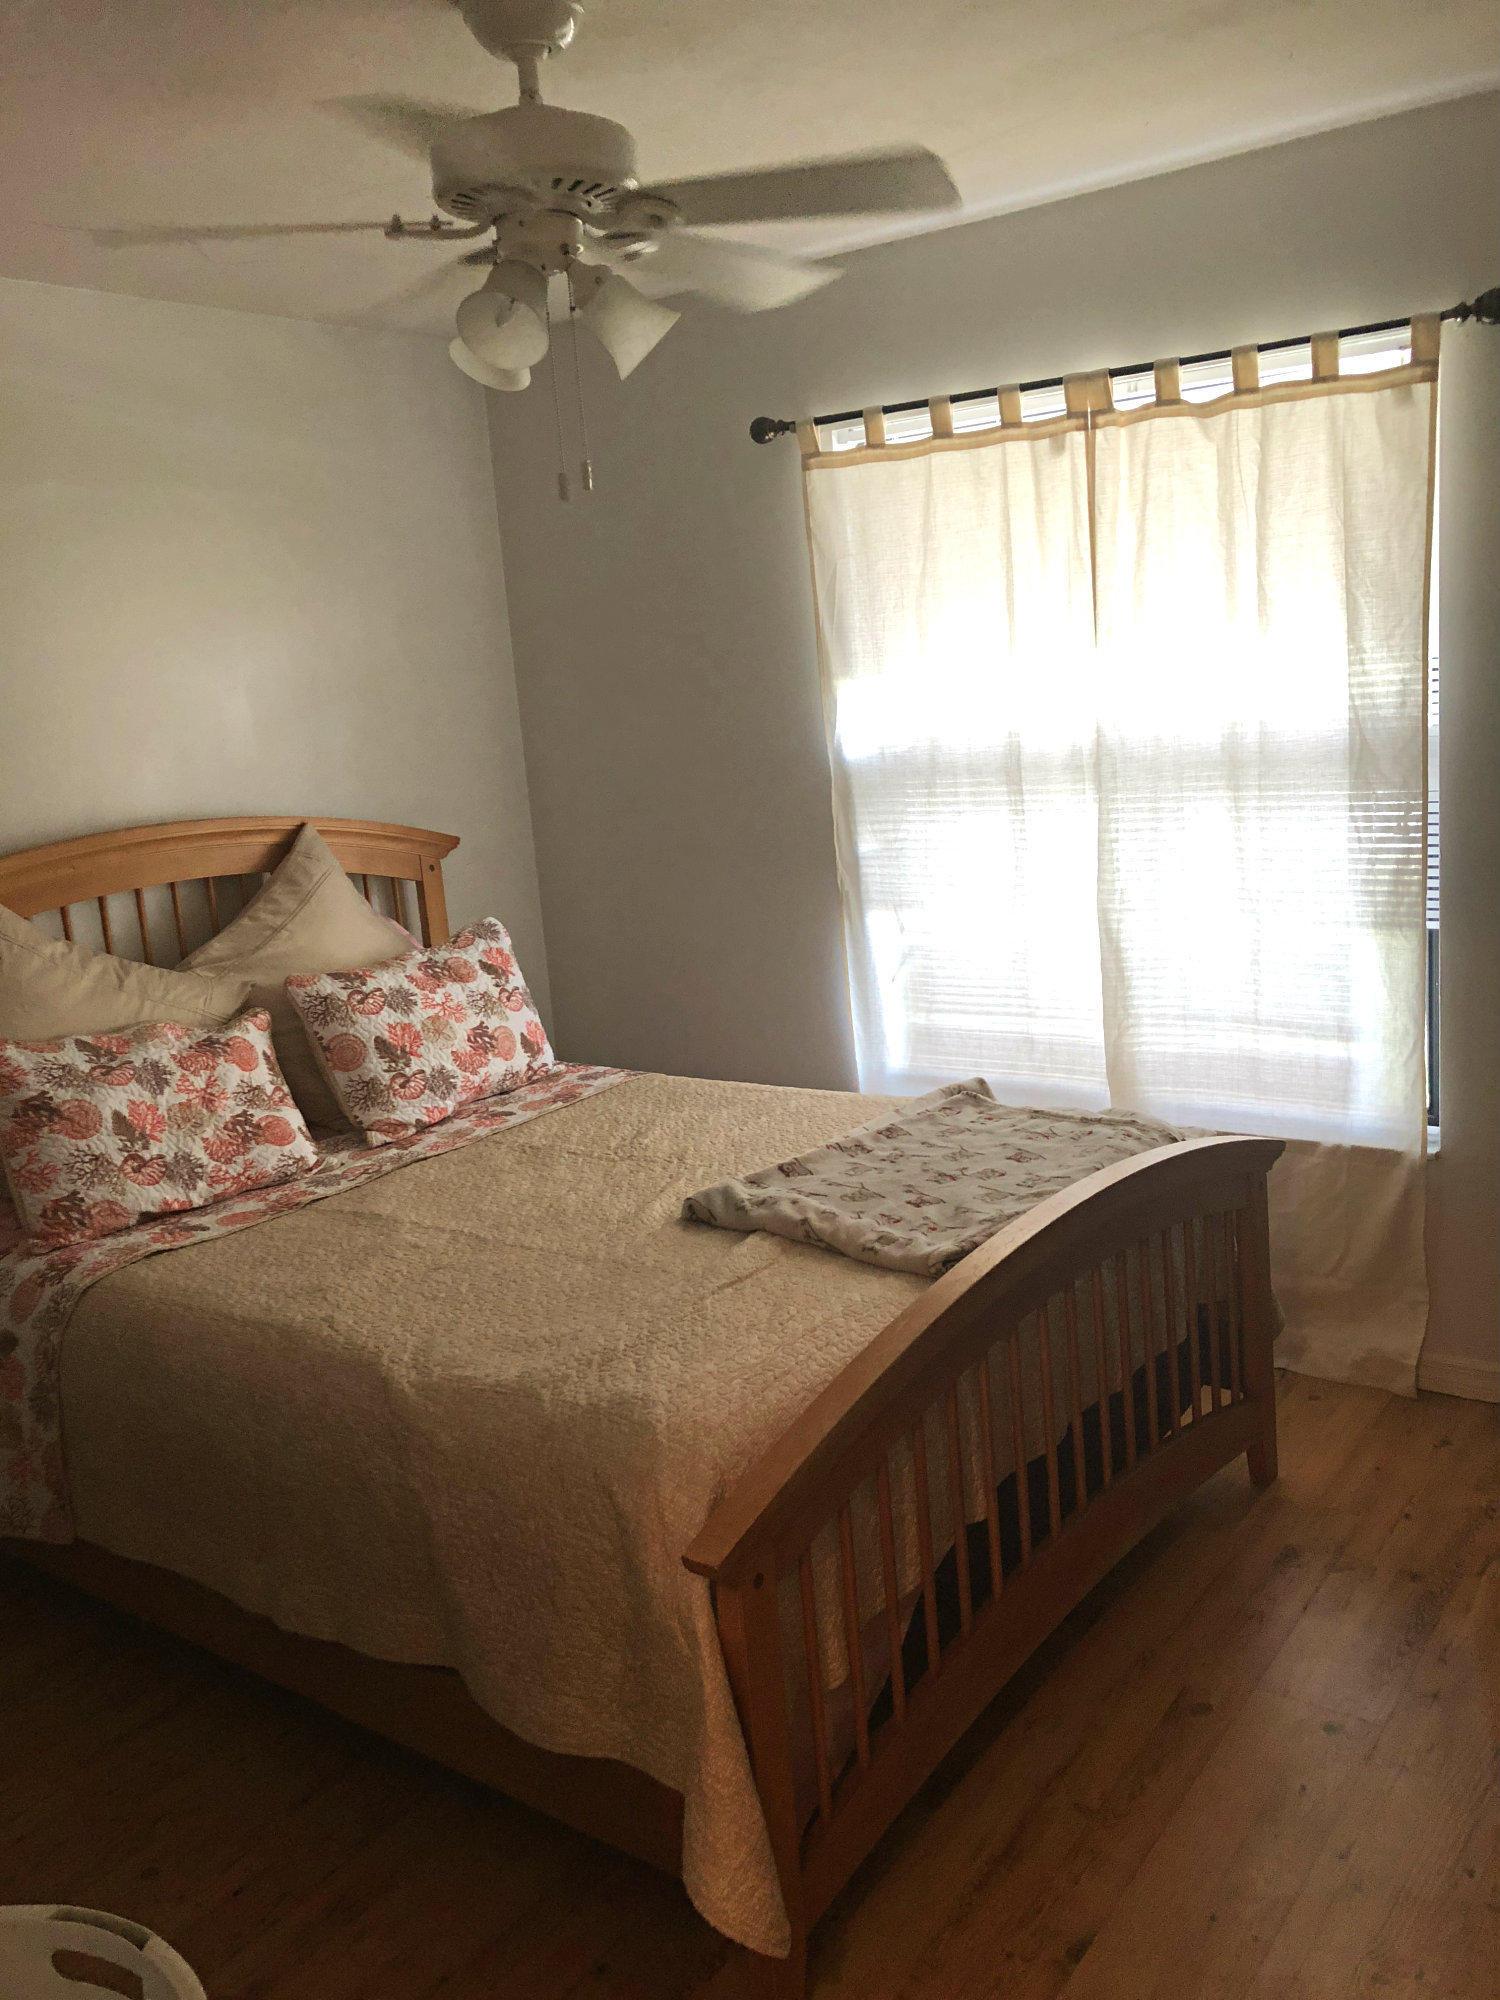 1461 Vizcaya Circle, Palm City, Florida 34990, 3 Bedrooms Bedrooms, ,2 BathroomsBathrooms,Single Family,For Sale,Vizcaya,RX-10414007